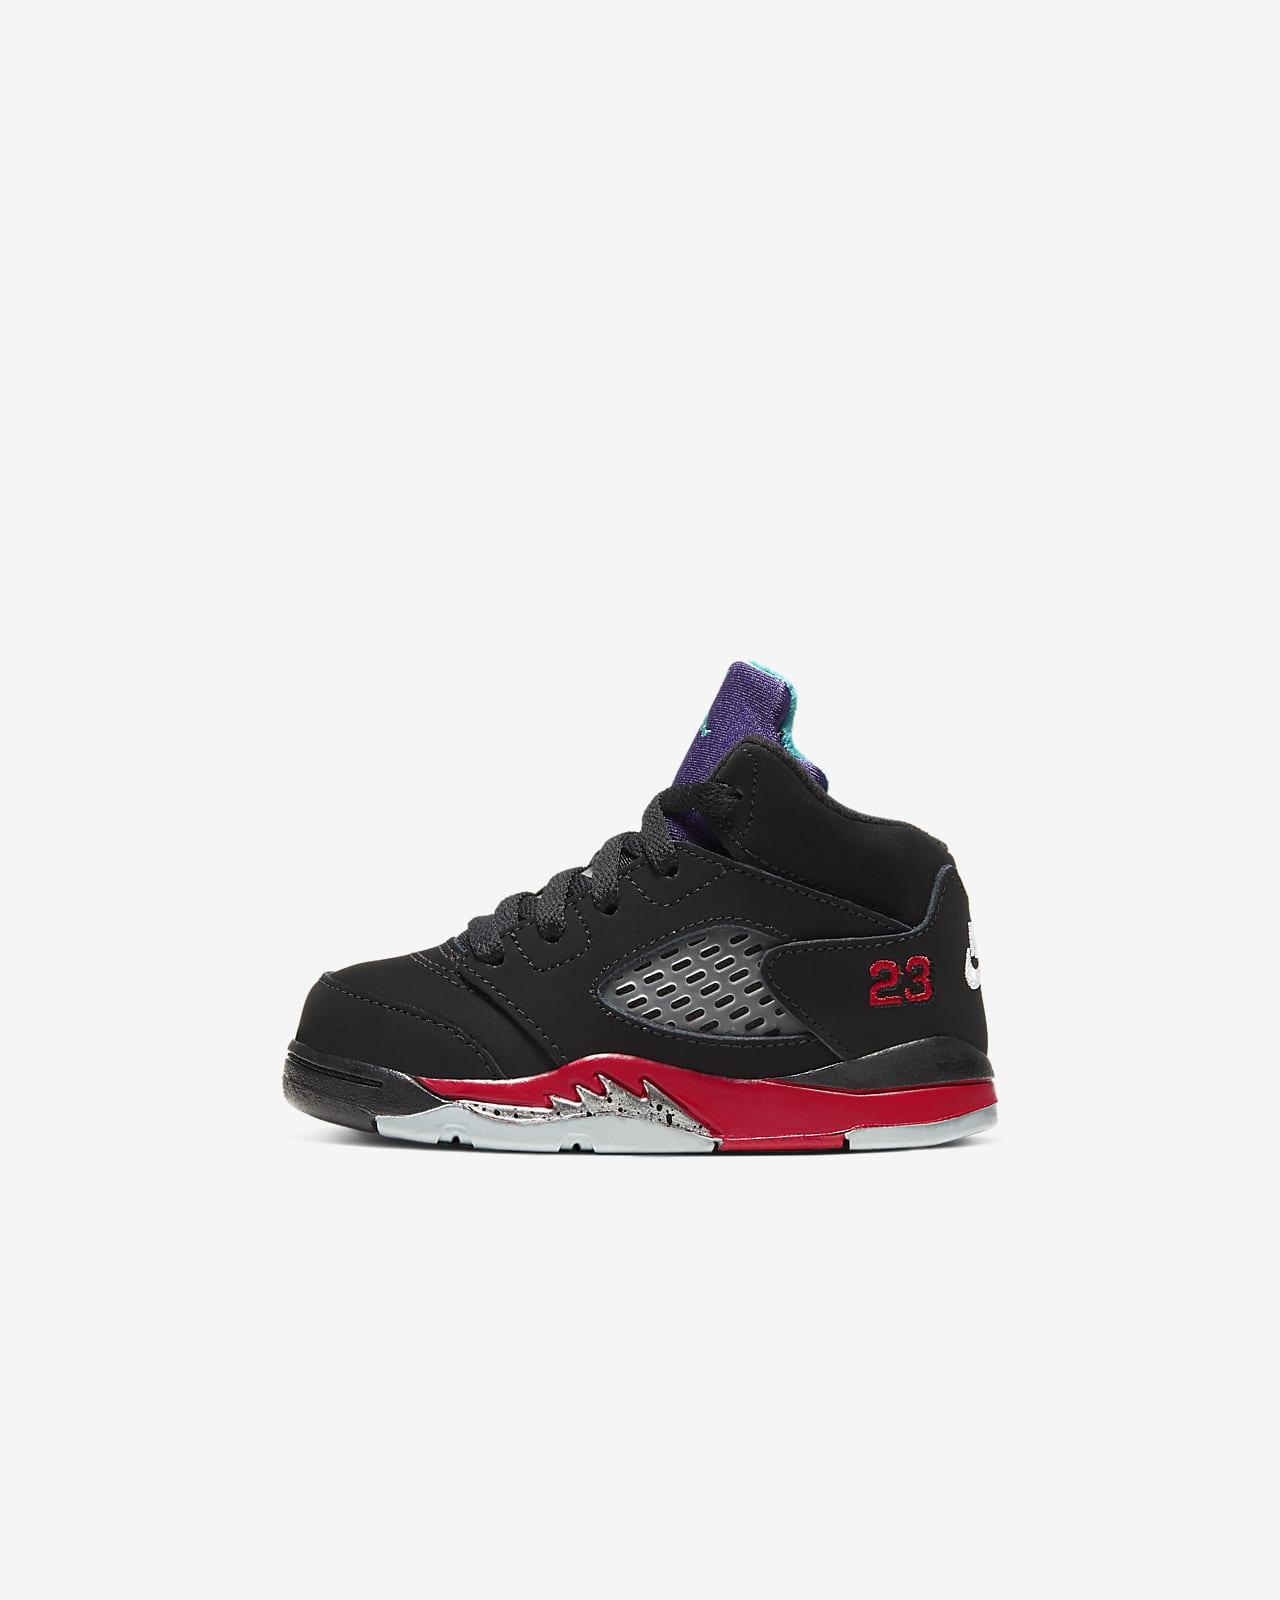 Jordan 5 Retro Baby and Toddler Shoe